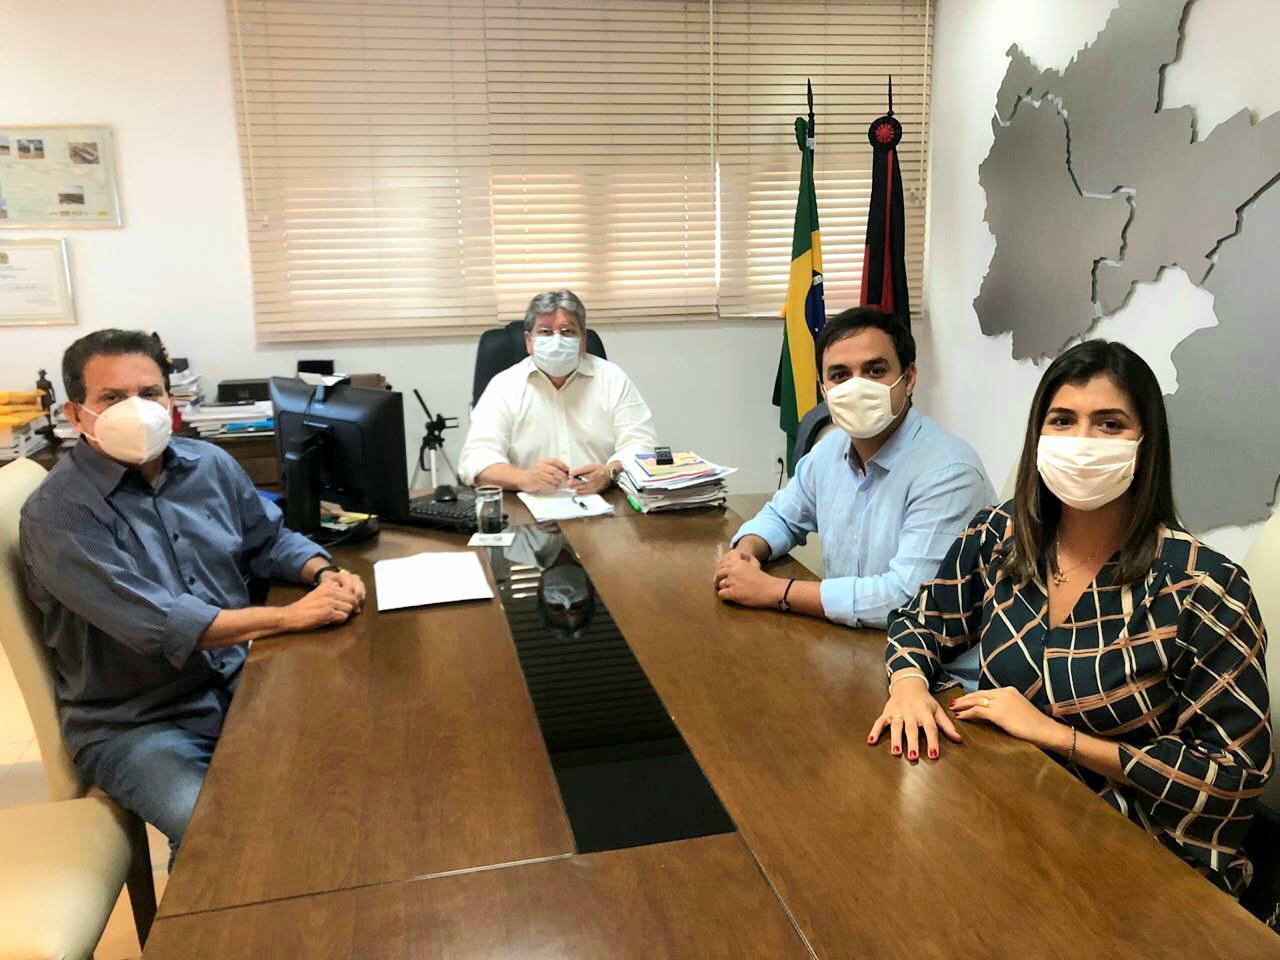 22e12bf6 375a 4557 9c62 61038f279535 - Governador João Azevedo declara apoio a Matheus em Bananeiras.